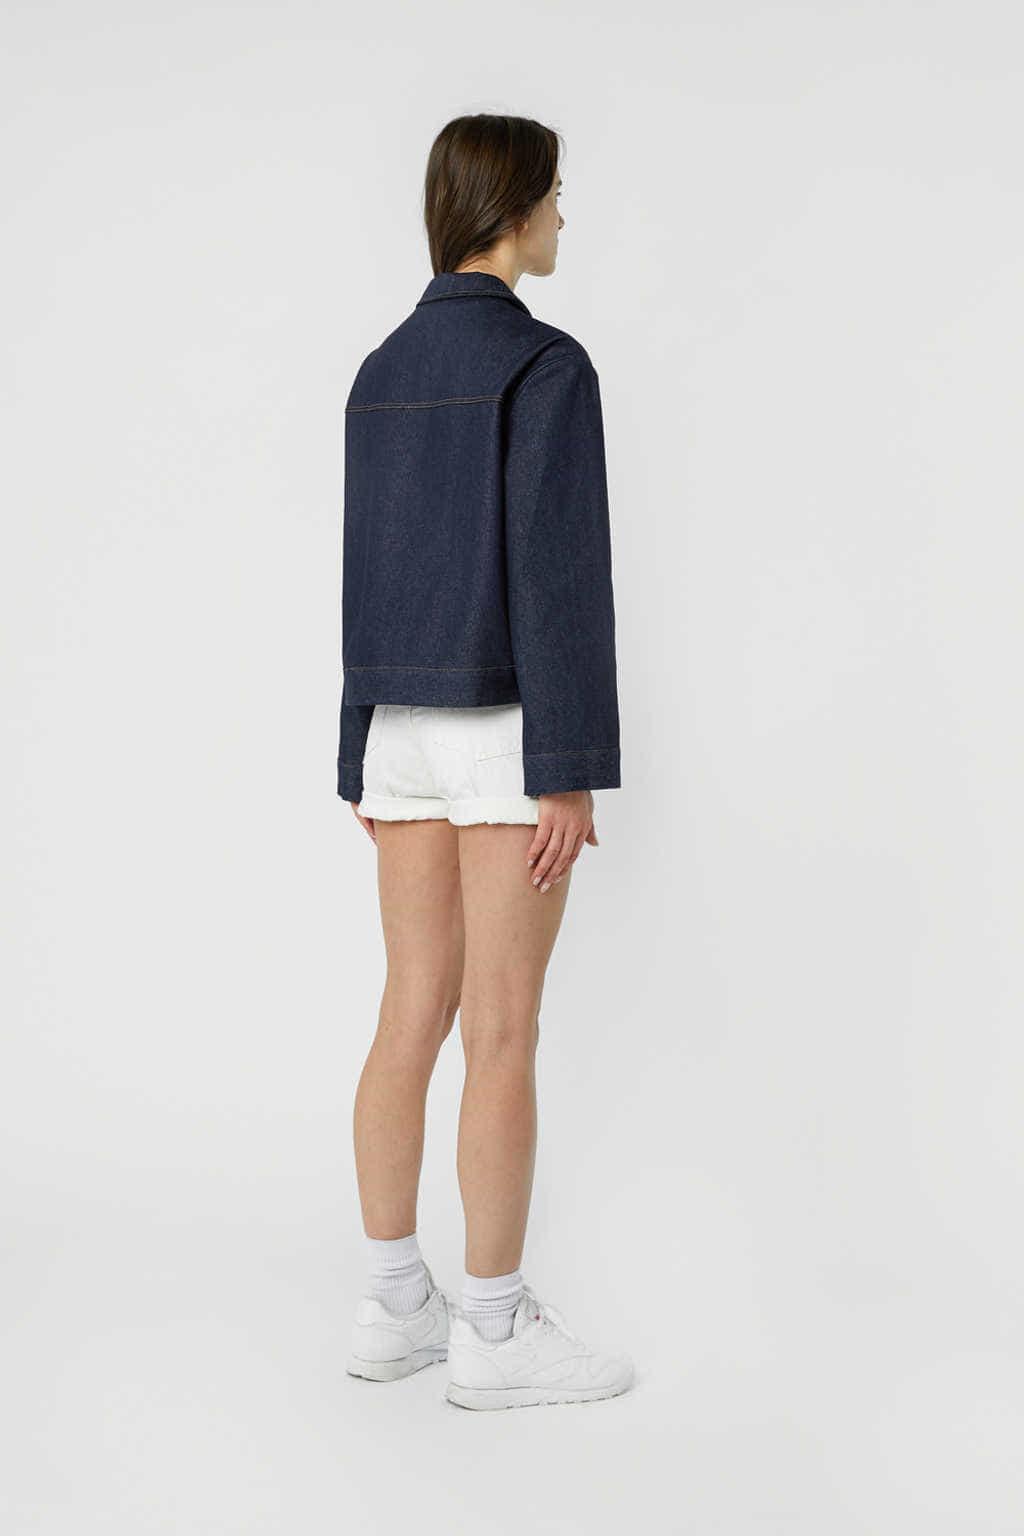 Jacket J010 Indigo 4